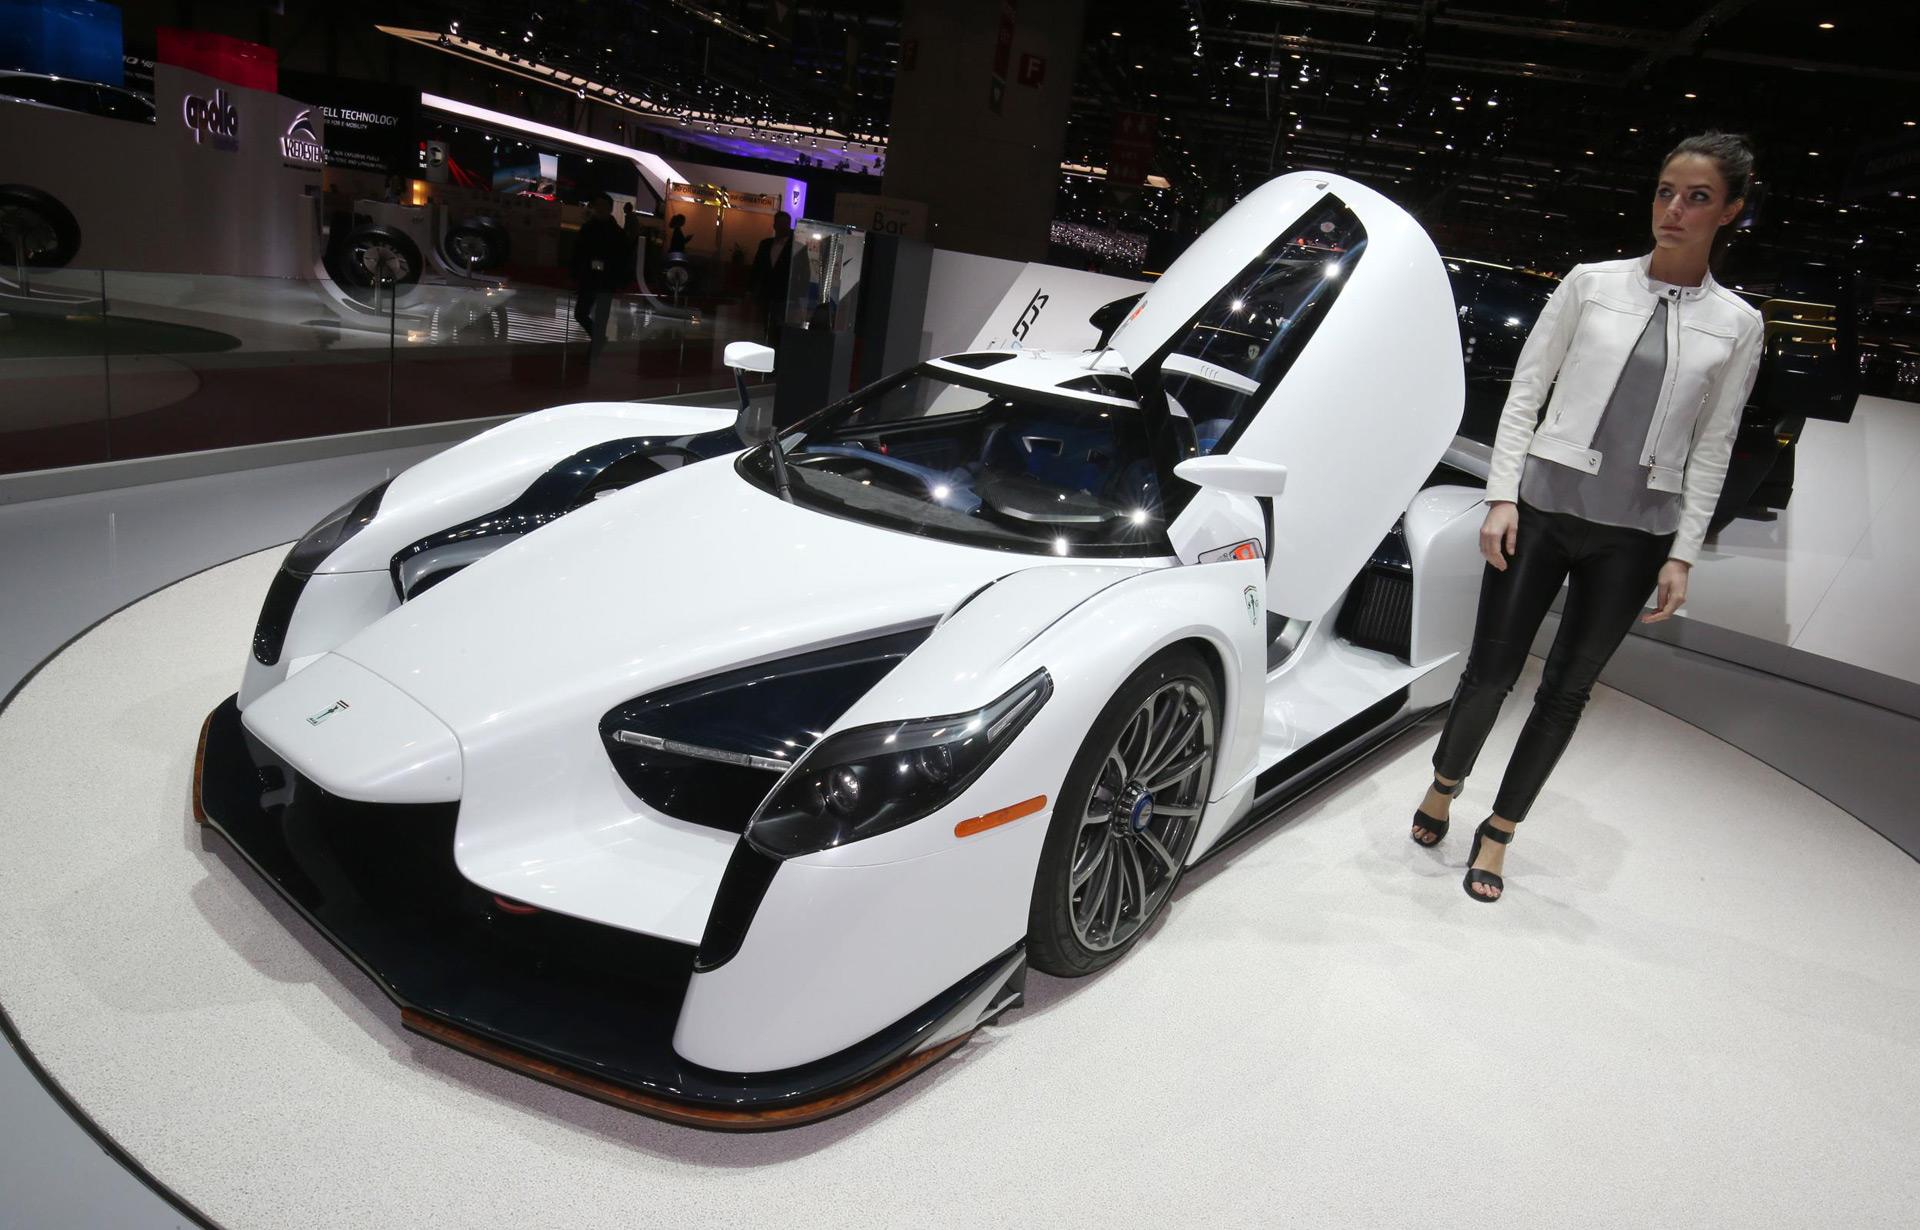 Glickenhaus Street Legal Scg003 Debuts At Geneva Auto Show